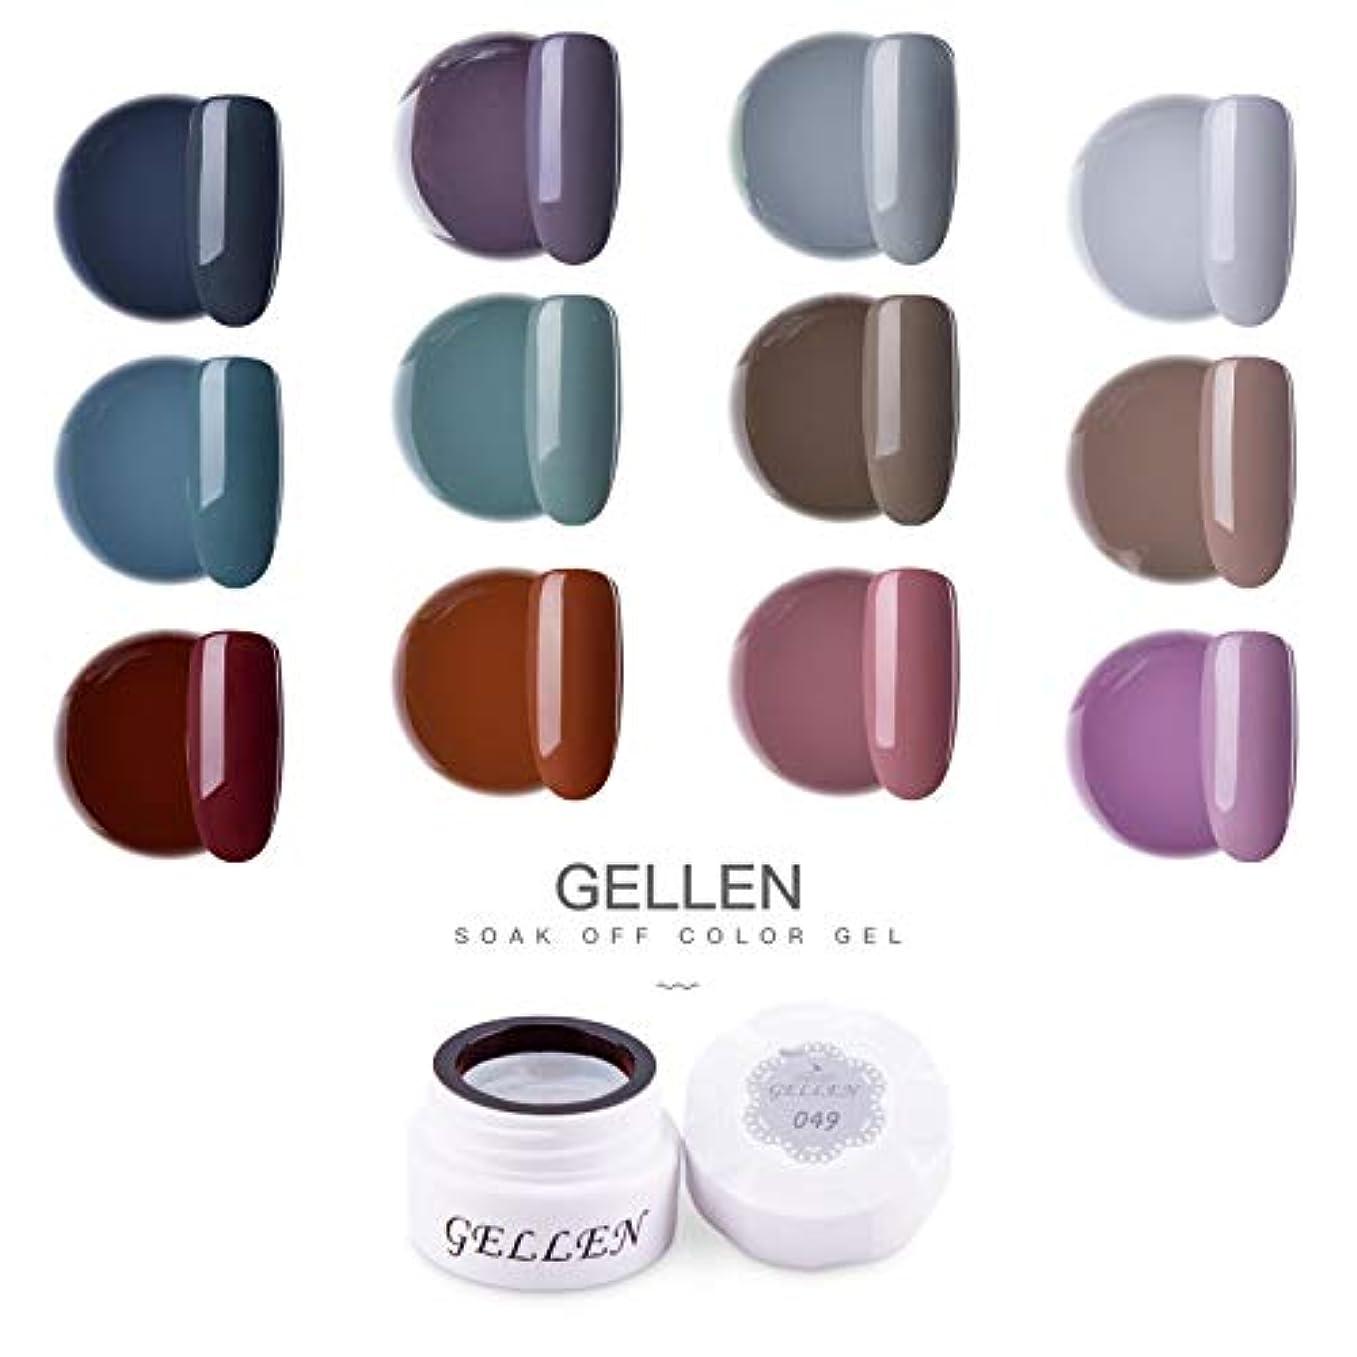 性交ドナウ川逆さまにGellen カラージェル 12色 セット[クラッシク シリーズ]高品質 5g ジェルネイル カラー ネイルブラシ付き